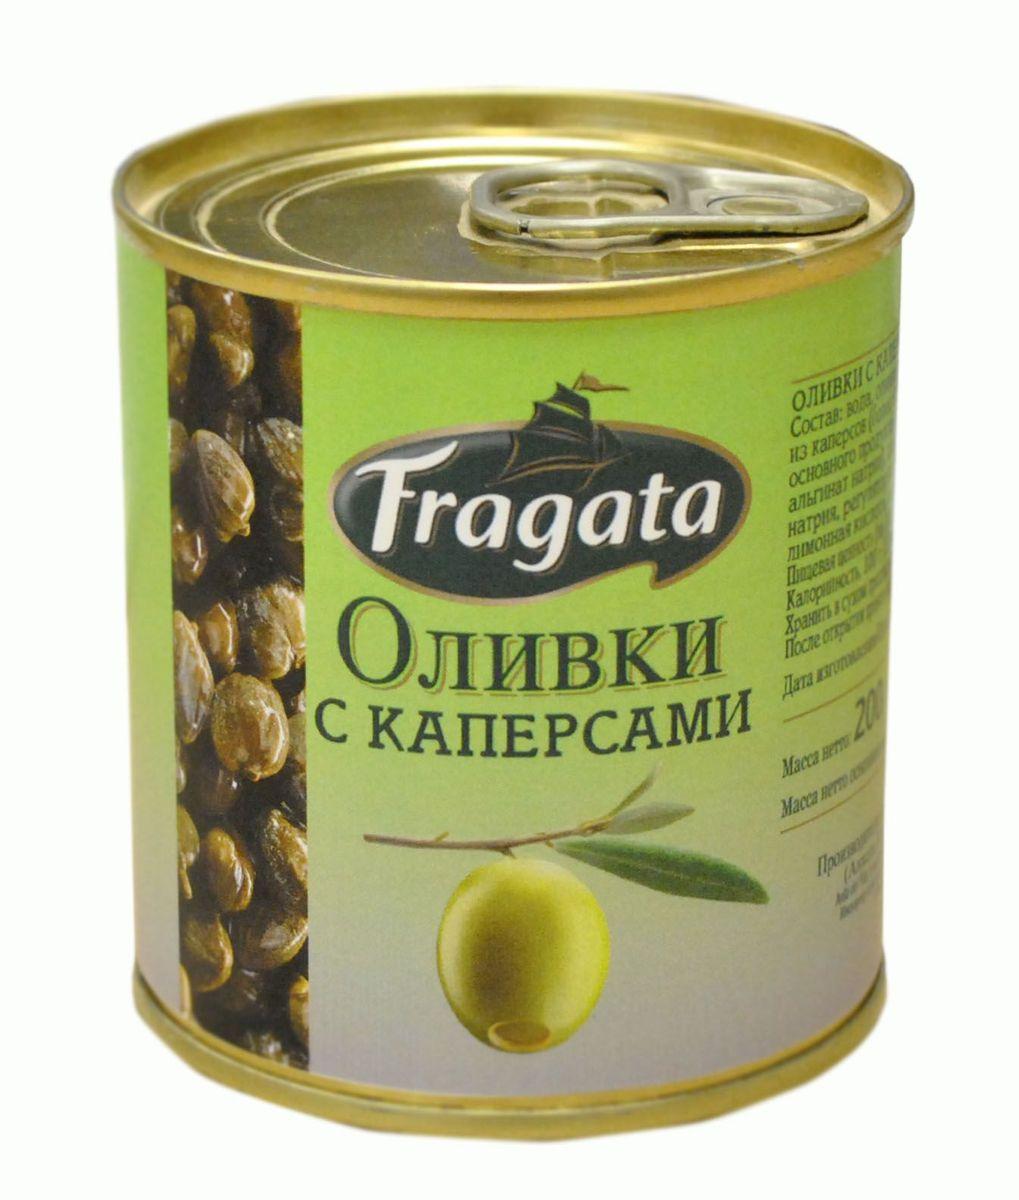 Fragata оливки с каперсами, 200 г34120Маслины и оливки Fragata производятся компанией Angel Camacho, лучшим испанским производителем высококачественных оливок и маслин в среднем ценовом сегменте уже в течение 100 лет.